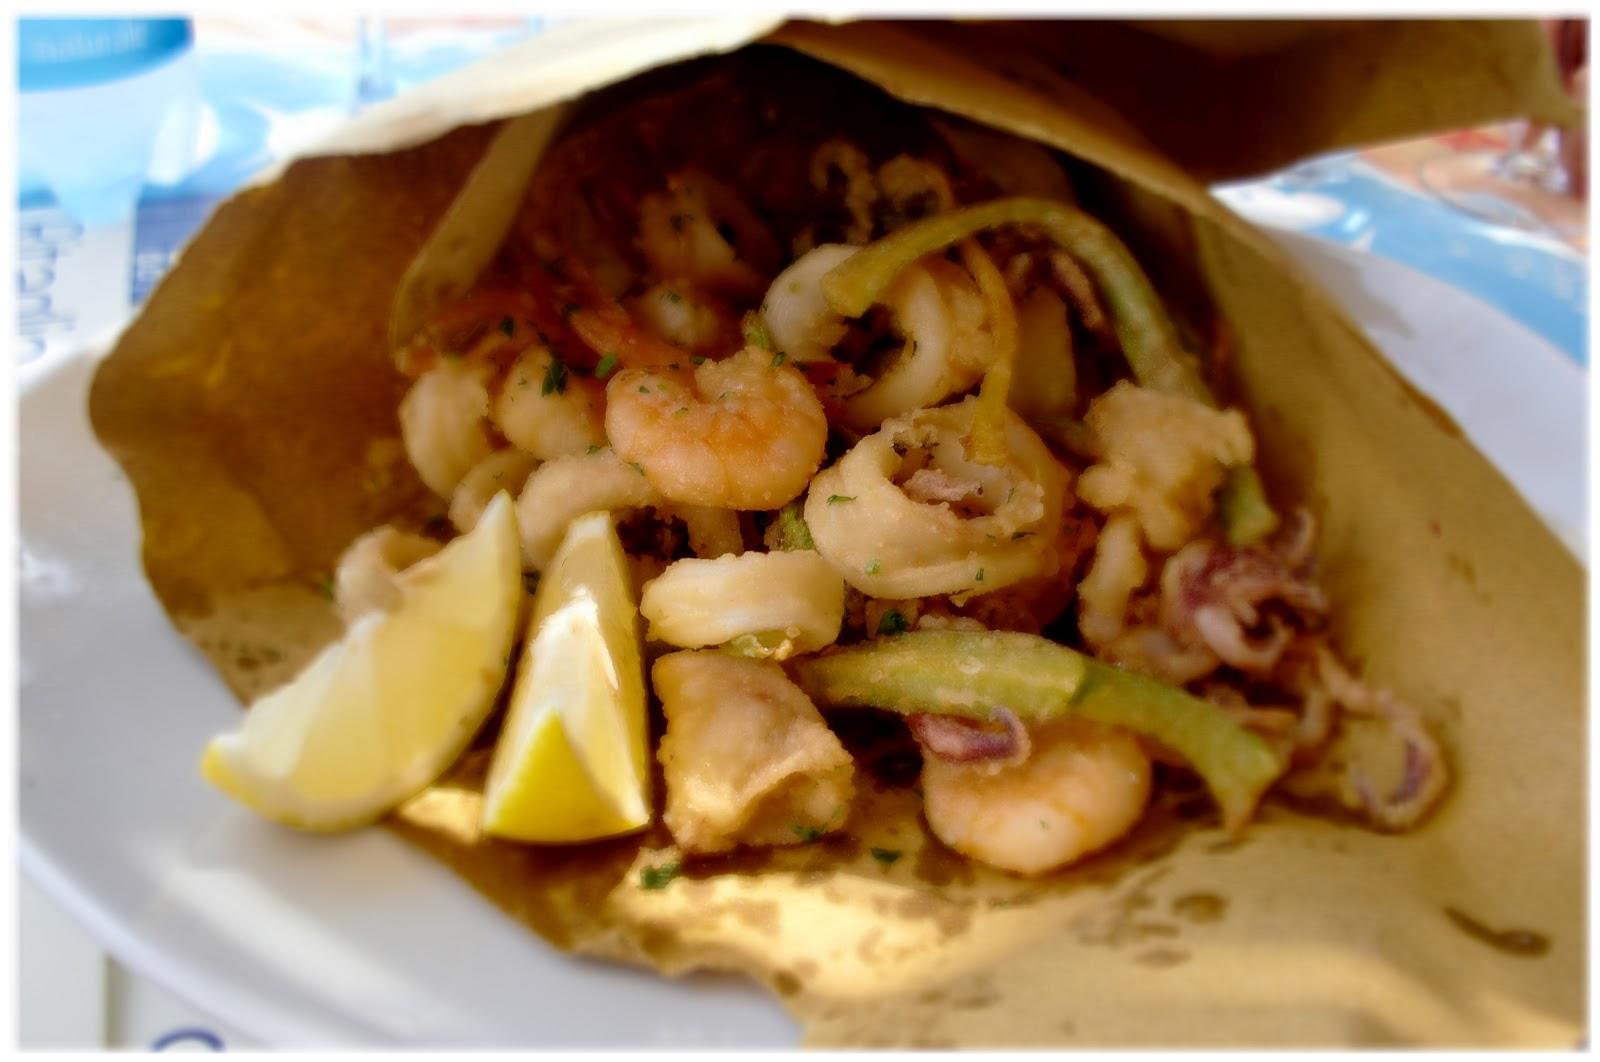 Totano e calamaro come riconoscerli quale migliore totani fritti